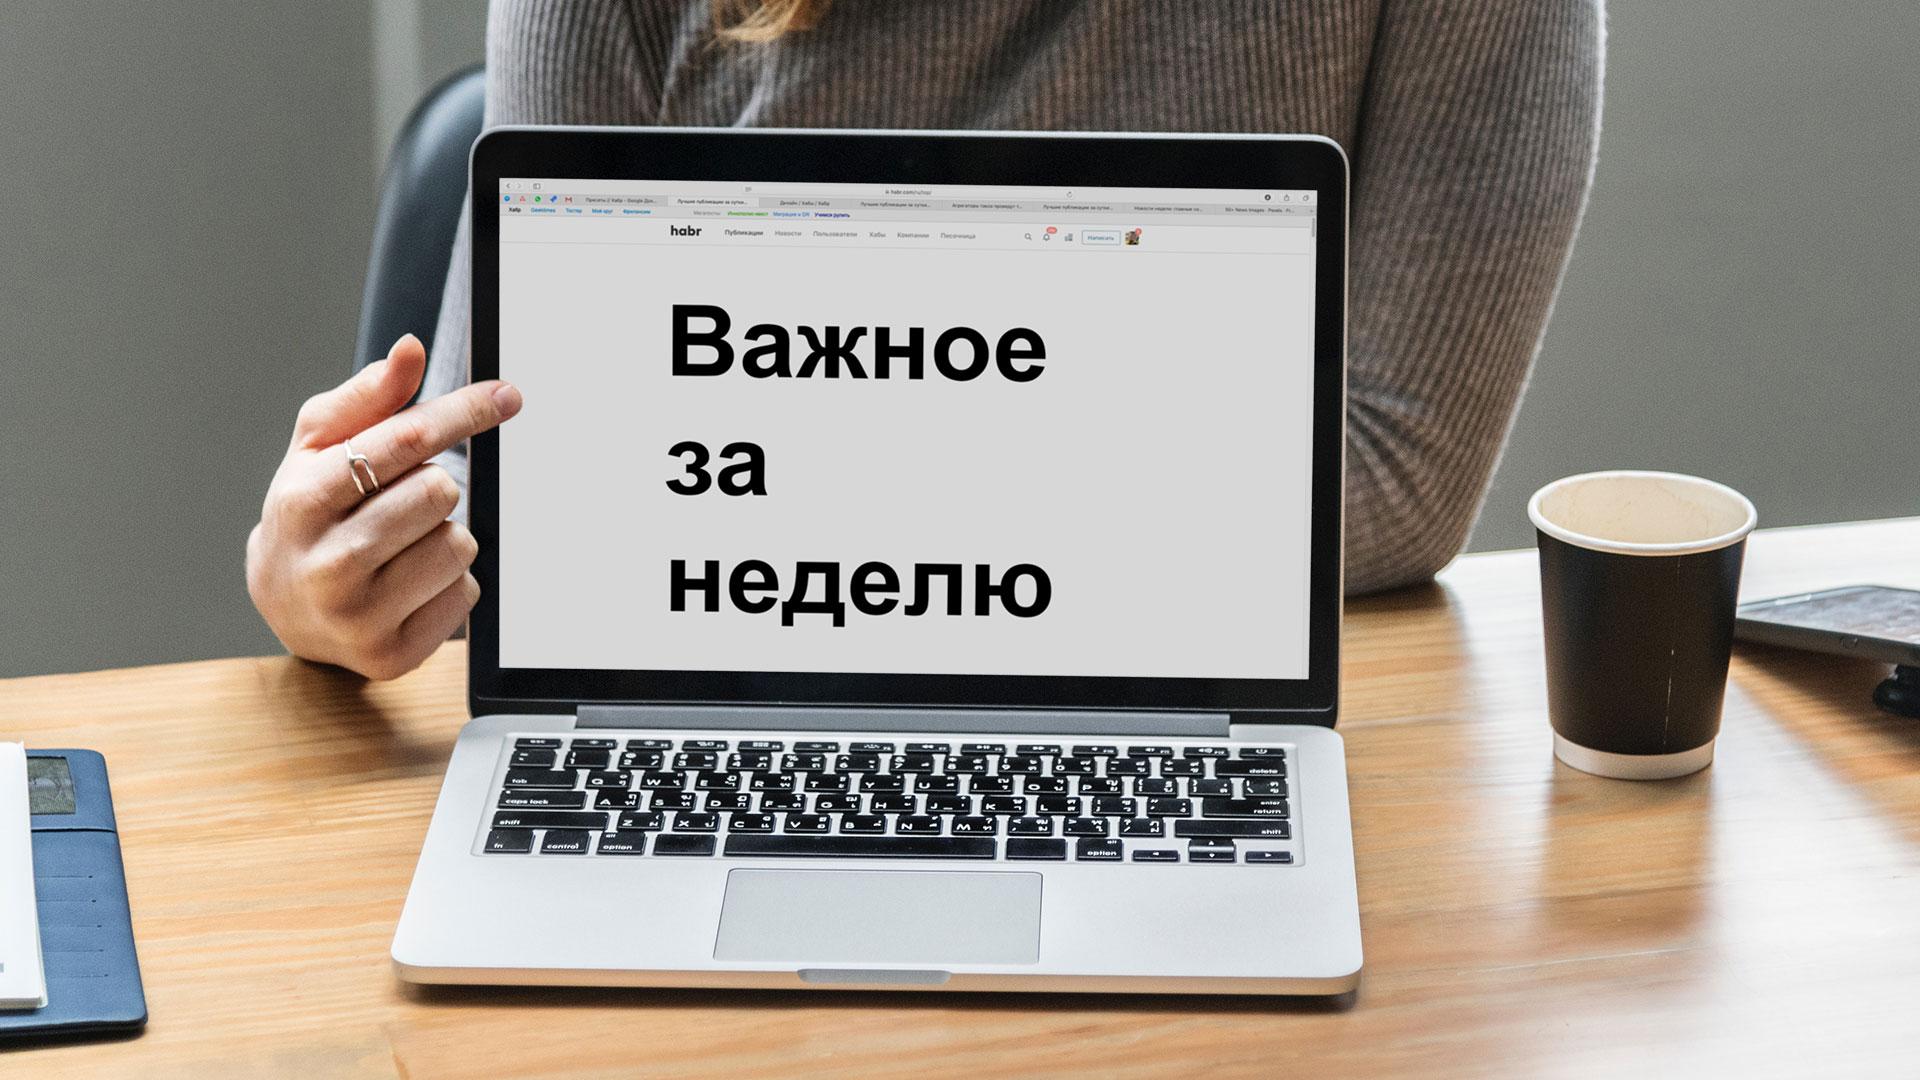 Новости недели: ФСБ не указ операторам, ИИ обыгрывает чемпионов, Apple и Qualcomm мирятся - 1